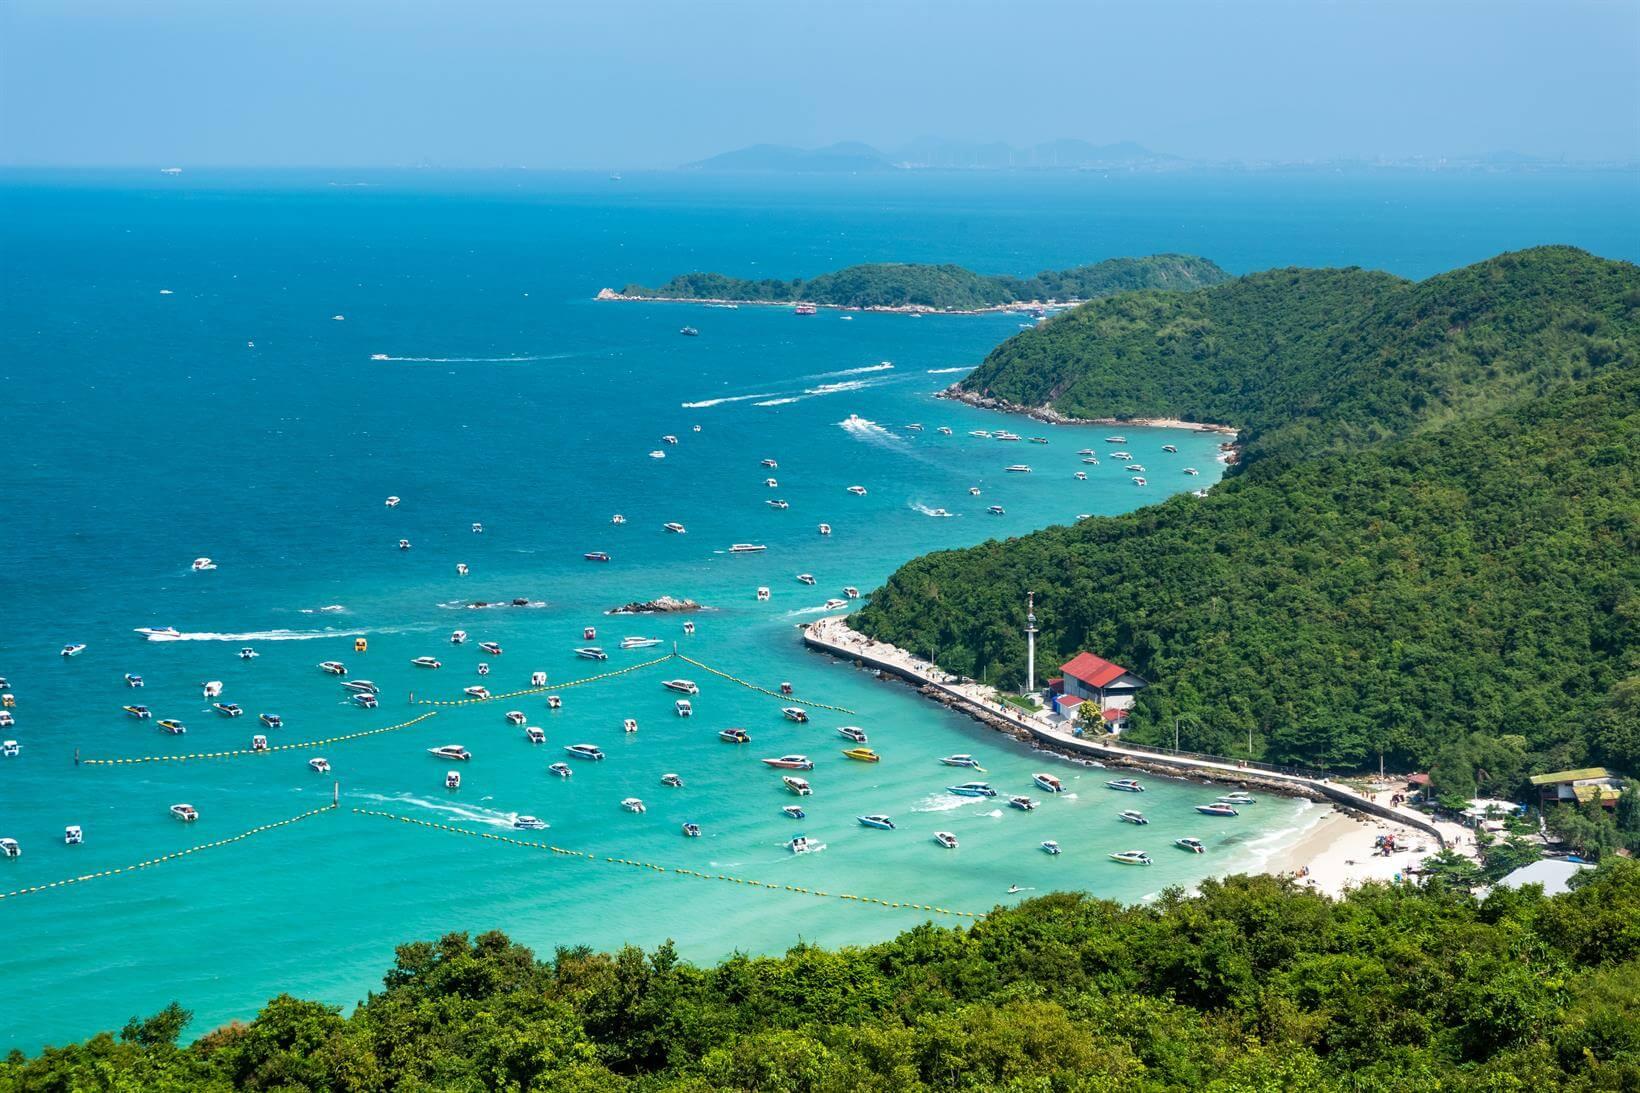 Melhores Ilhas e Praias da Tailândia: Koh Larn